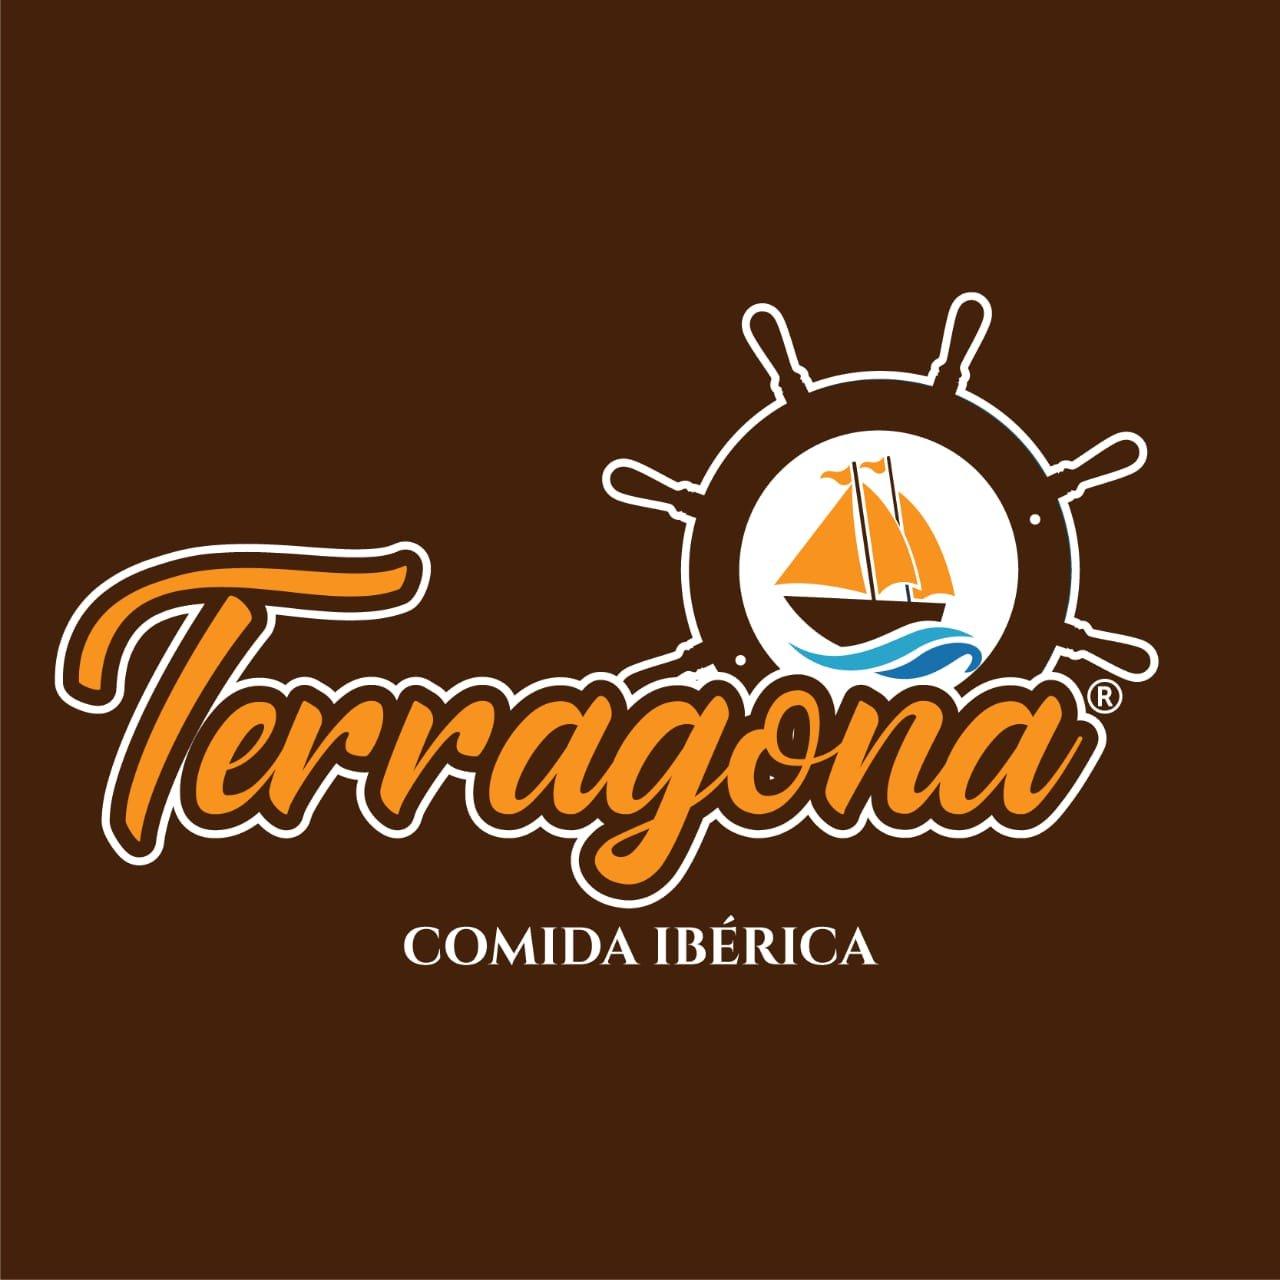 Terragona comida Ibérica